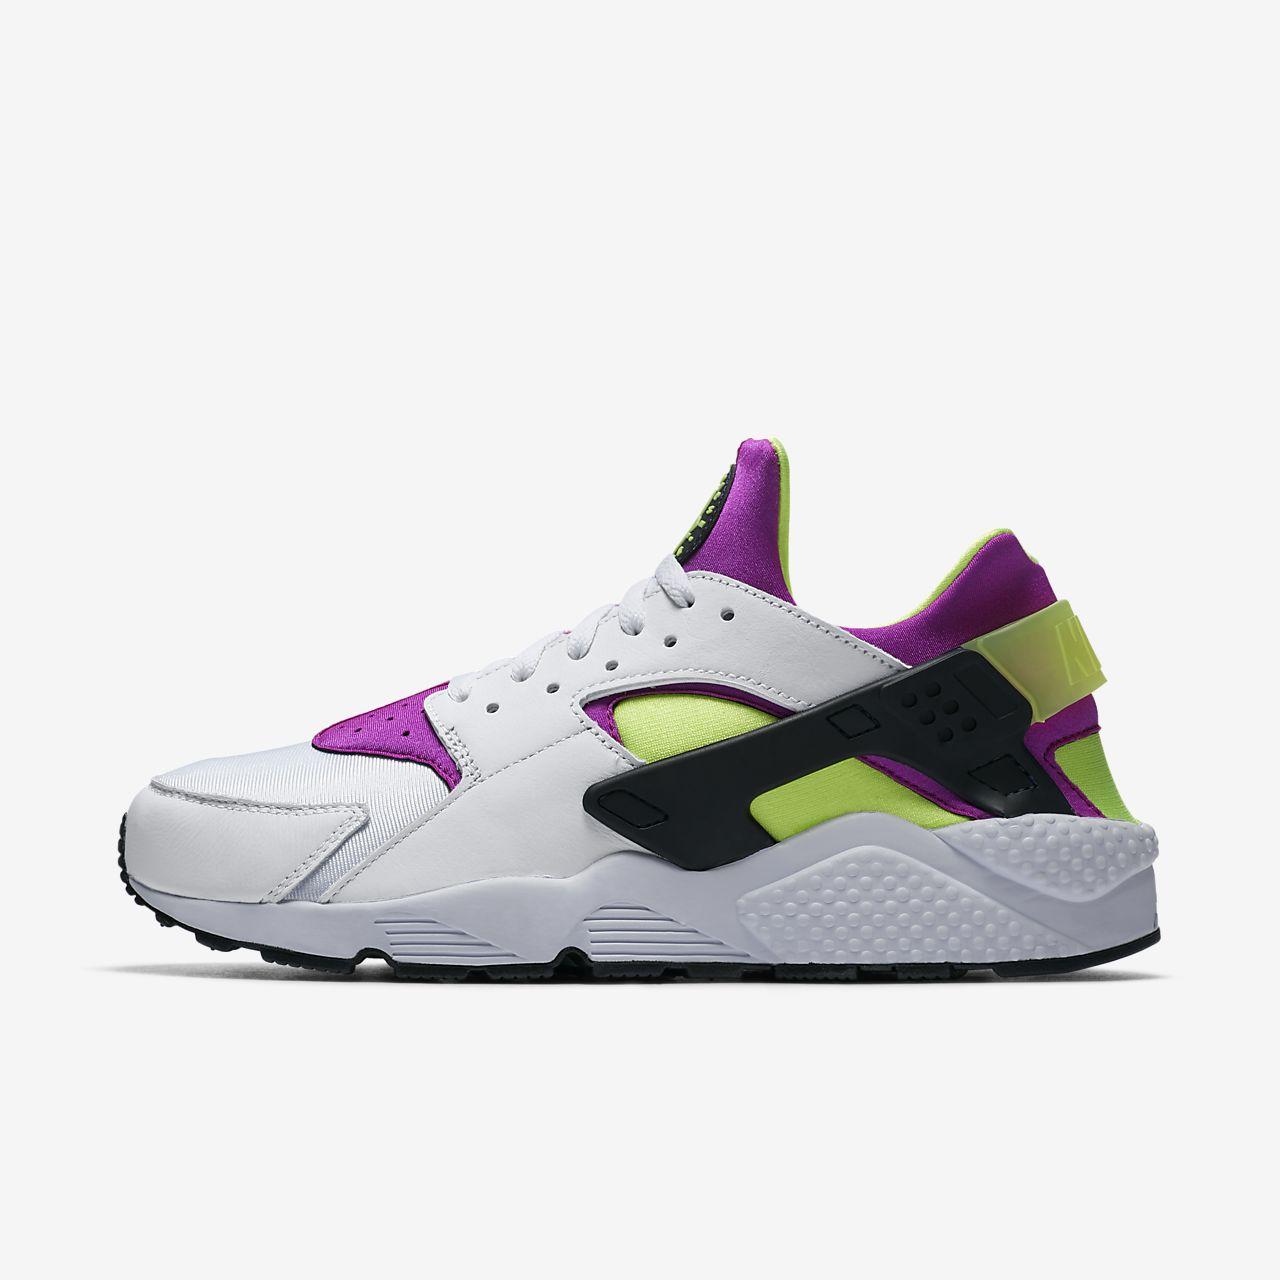 huge discount 3db79 41709 ... Nike Air Huarache 91 QS – sko til mænd